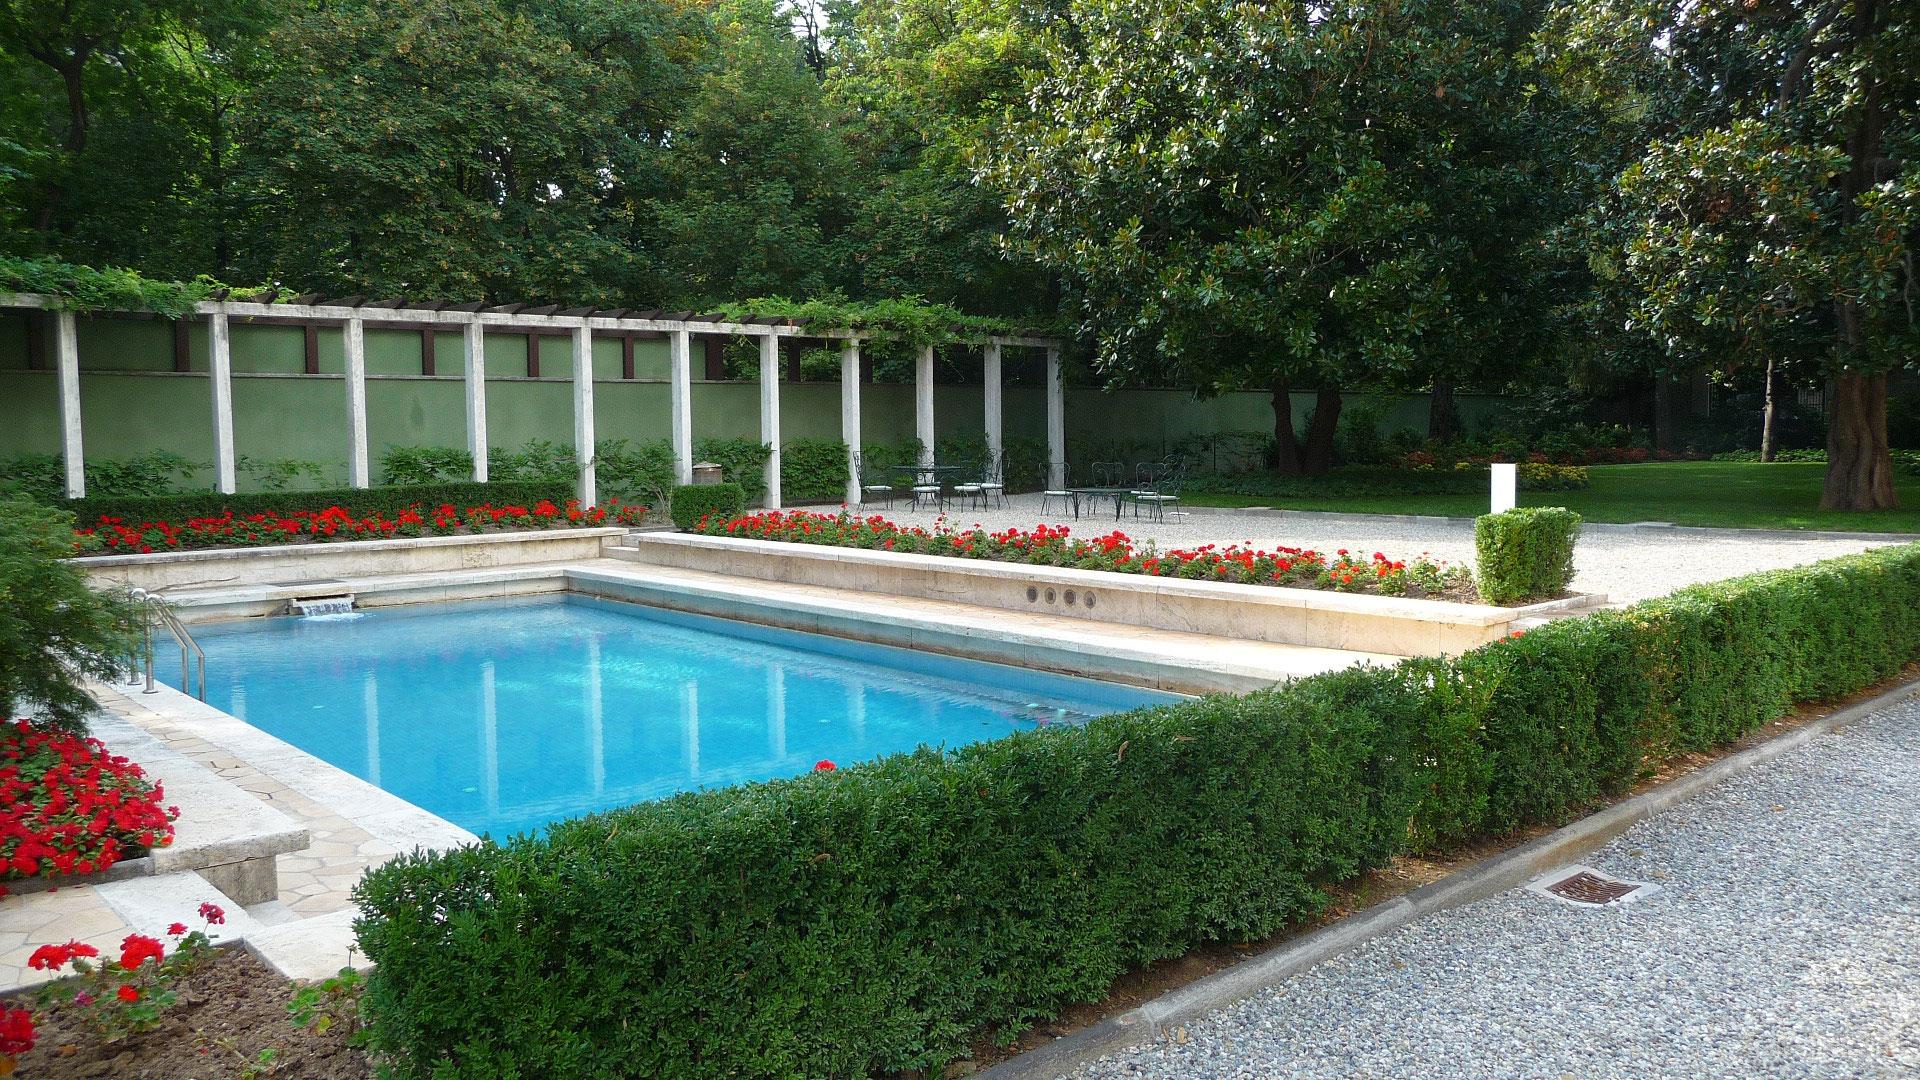 Un segreto di milano villa necchi campiglio blog per - Condominio con piscina milano ...